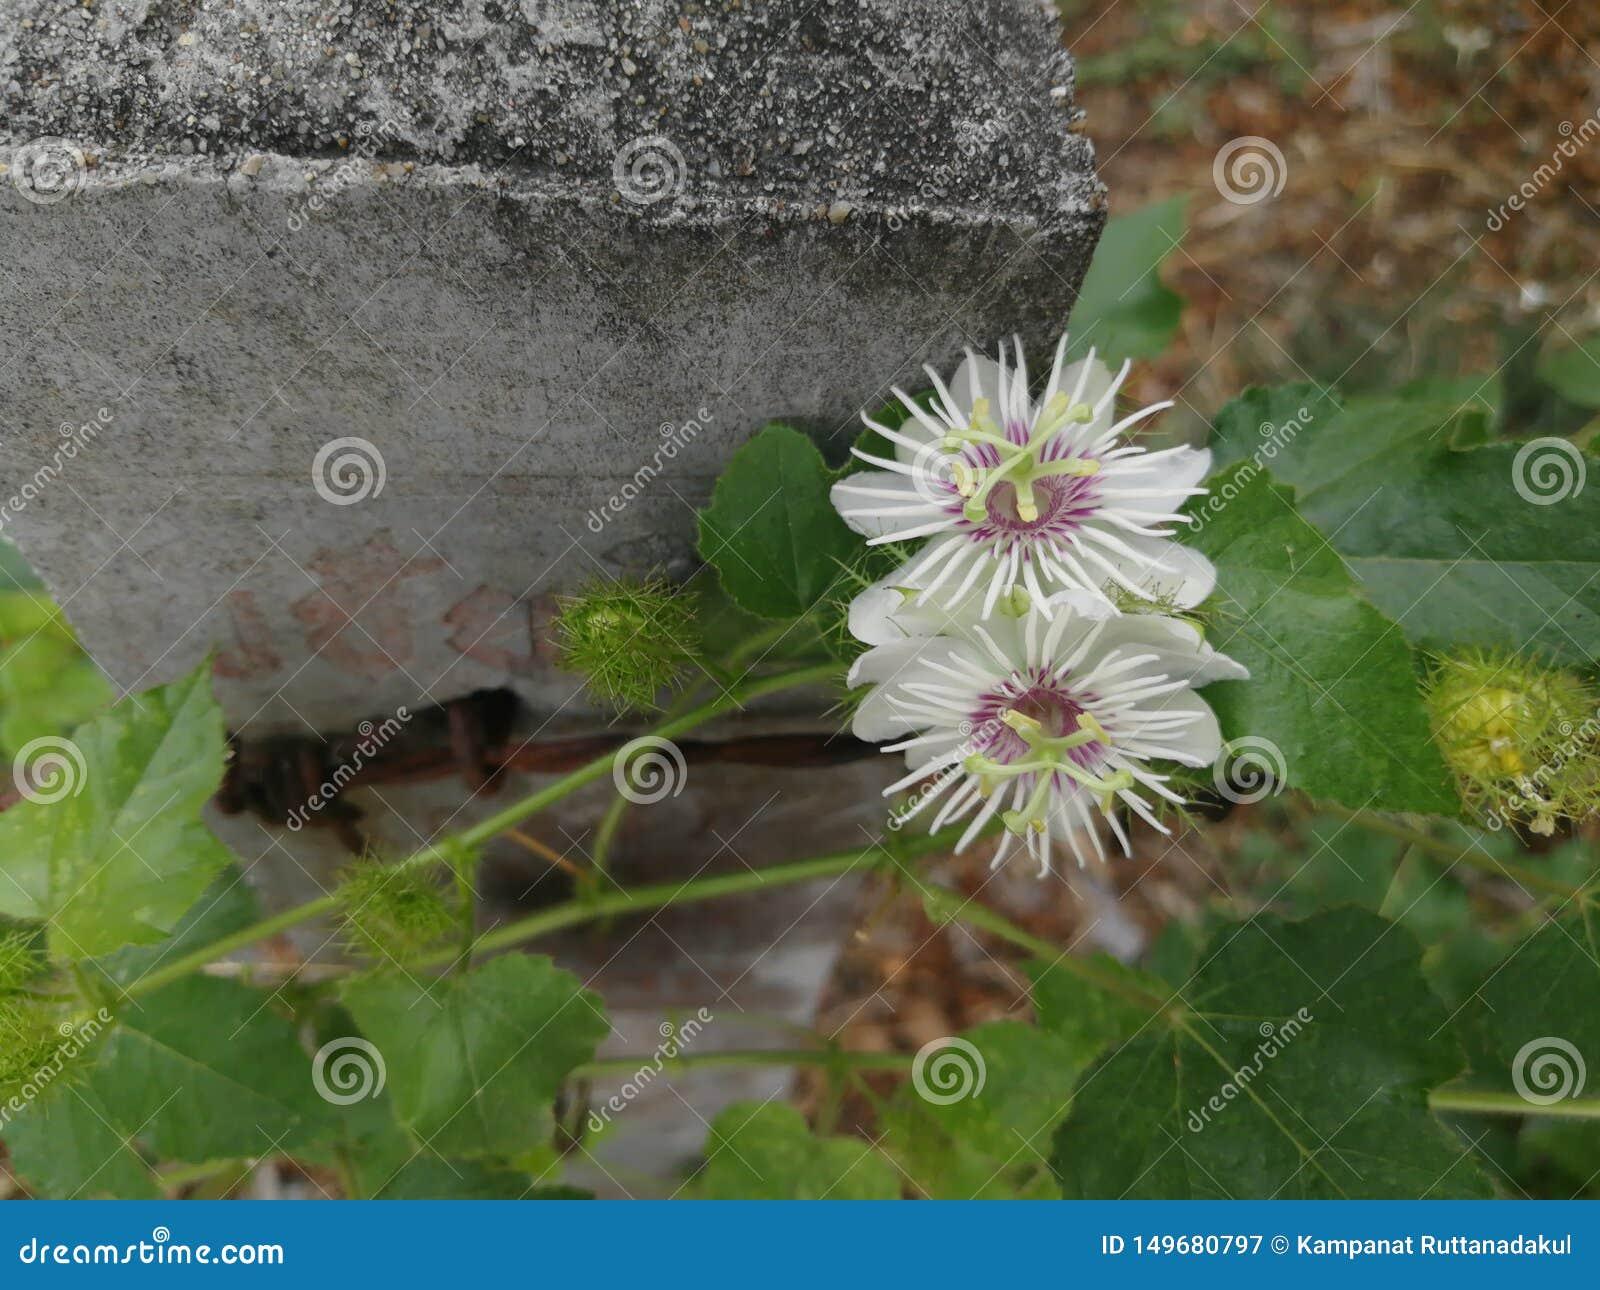 Runde weiße Blumen am Rand des Stacheldrahtzauns